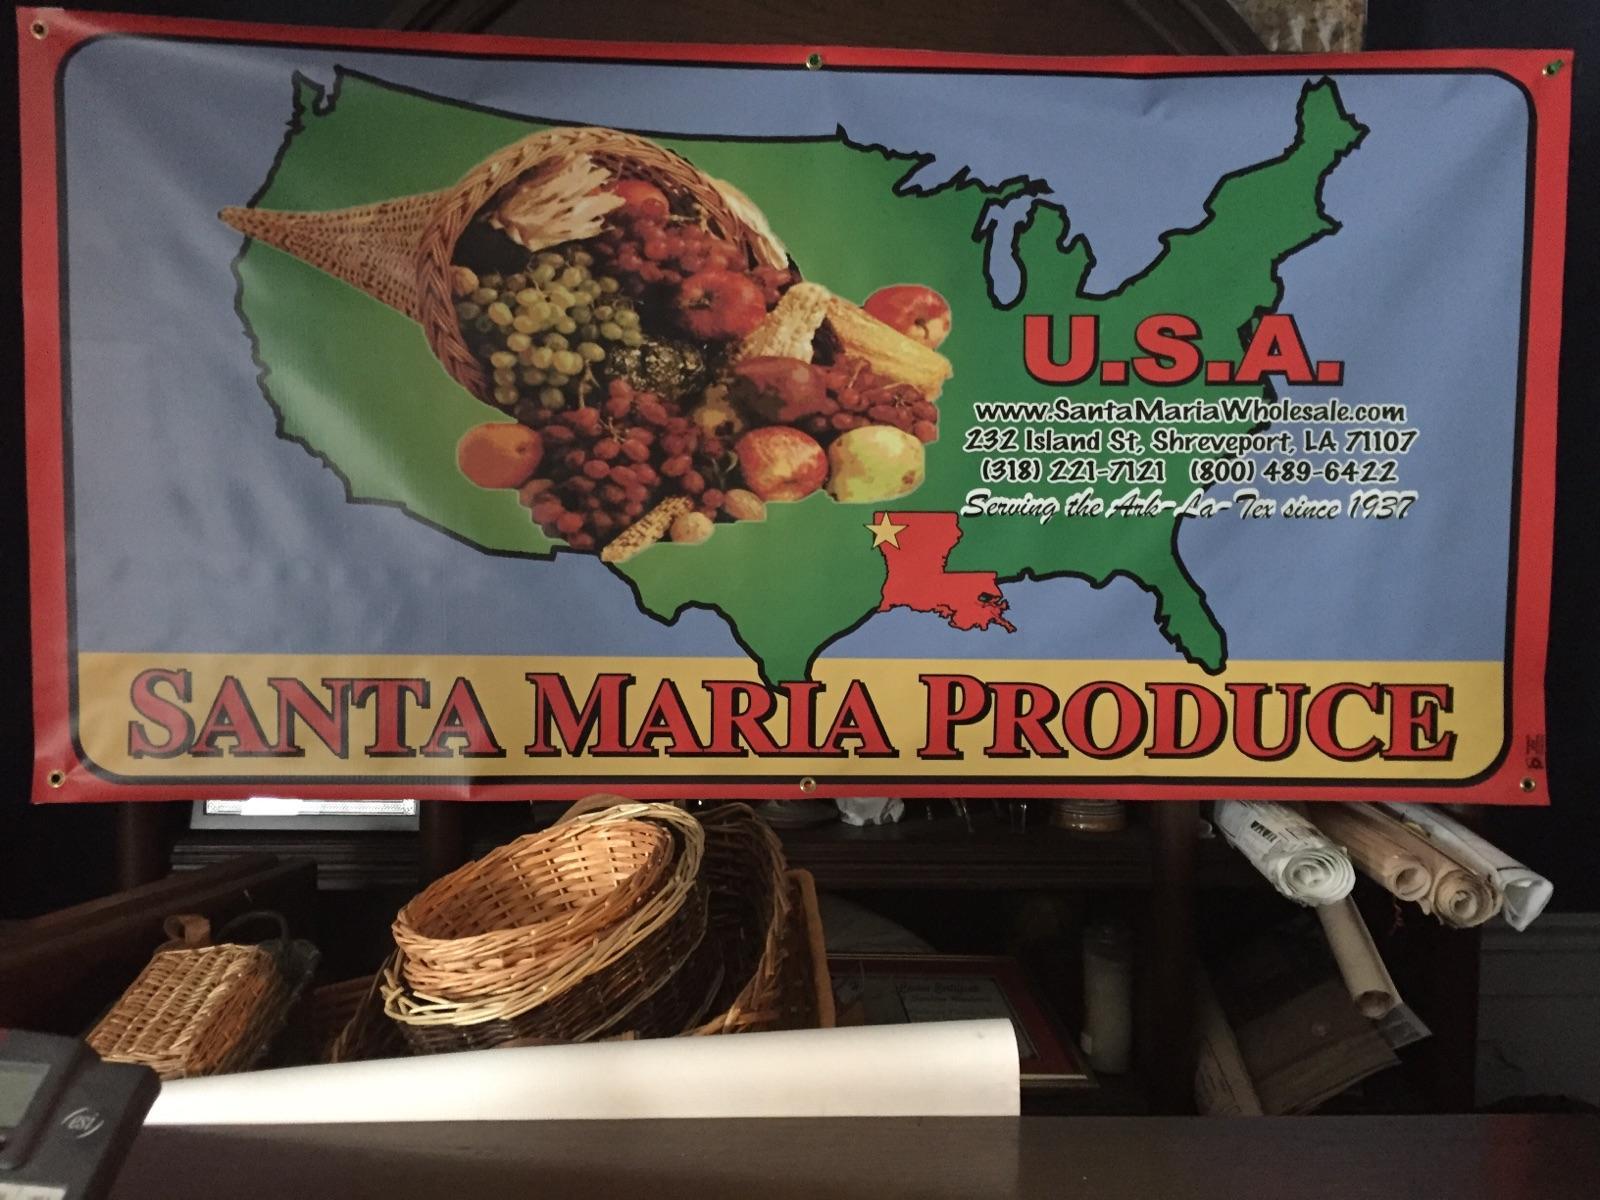 Santa Maria Produce